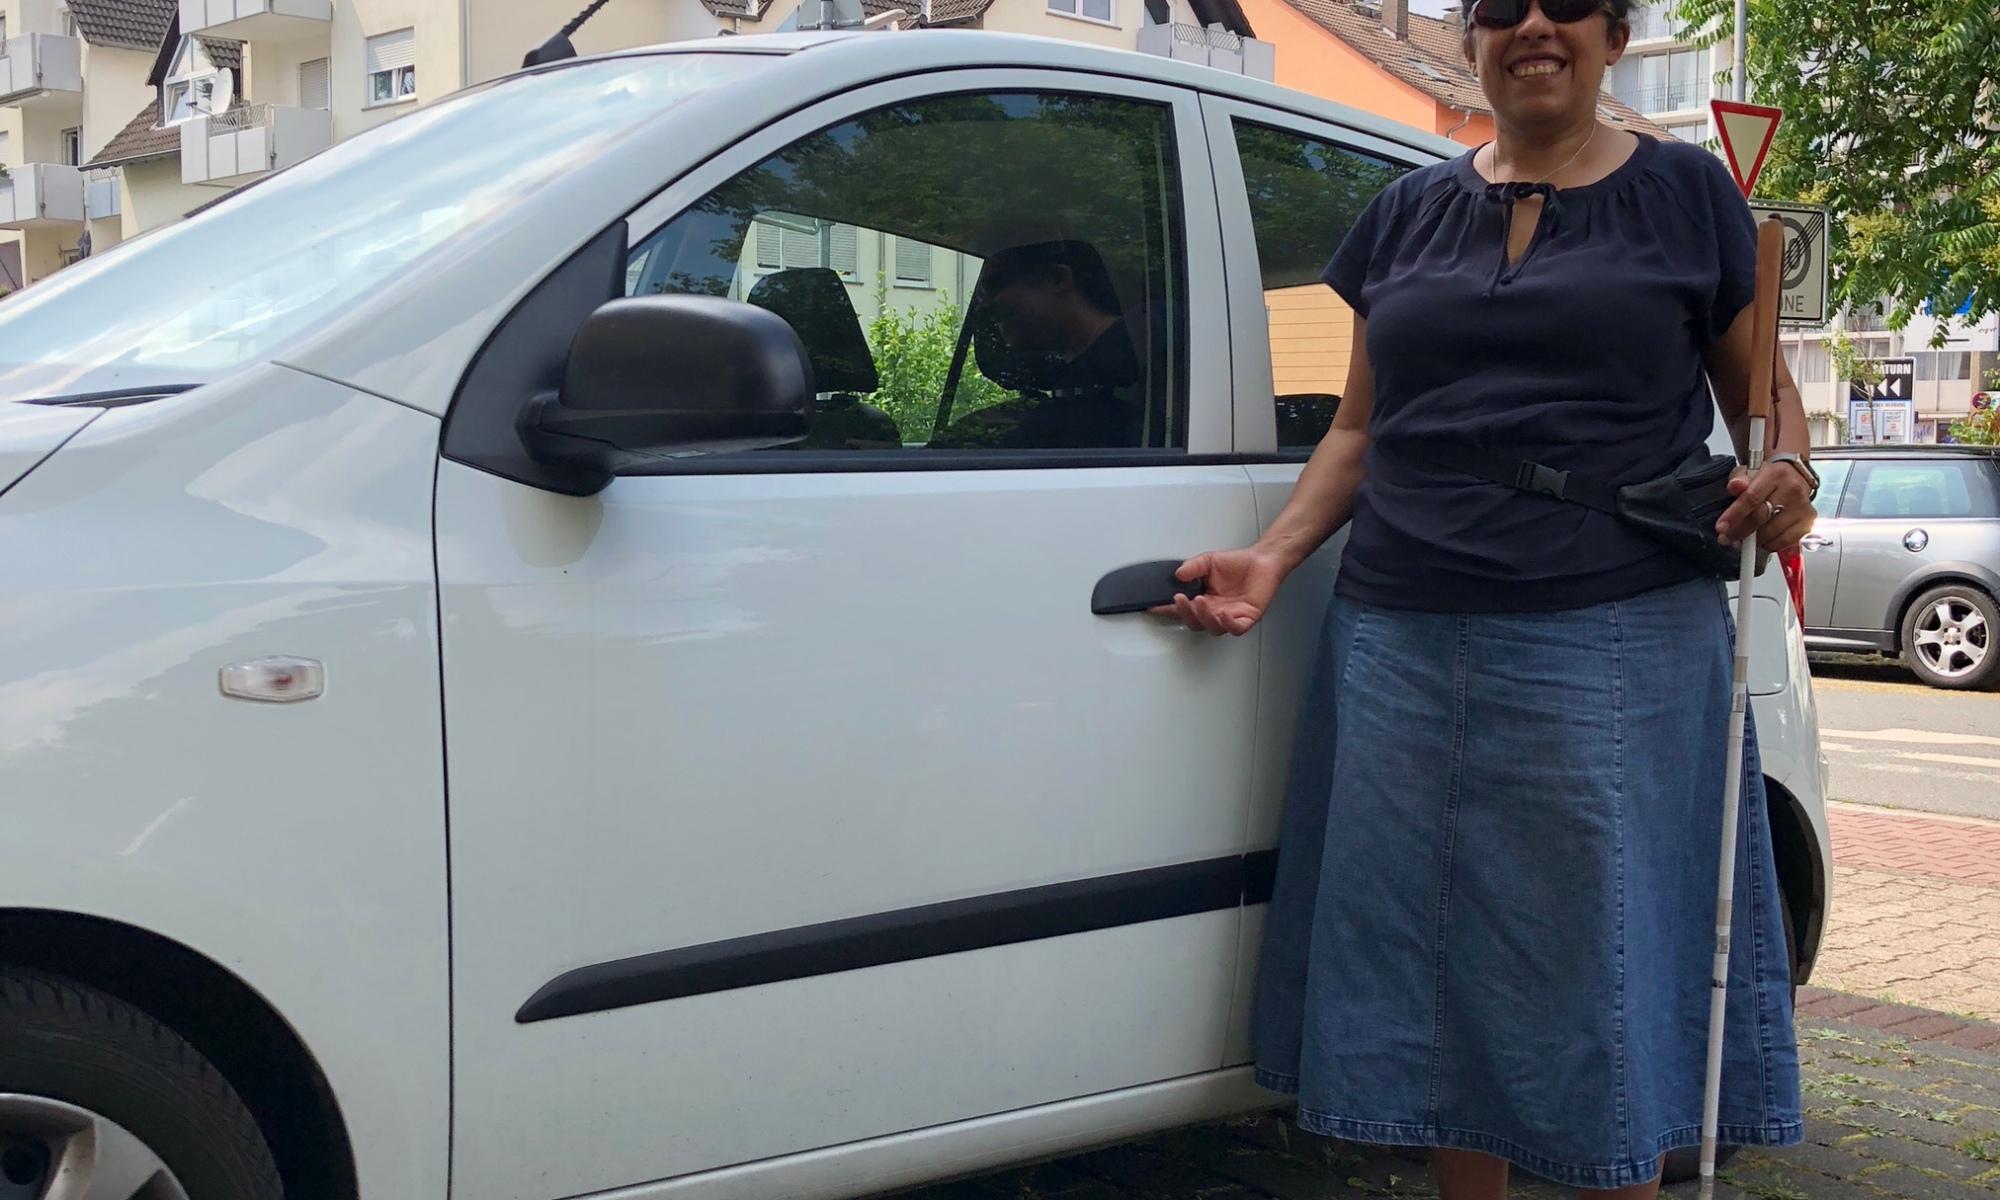 Lydia steht neben der Fahrertür eines Autos.